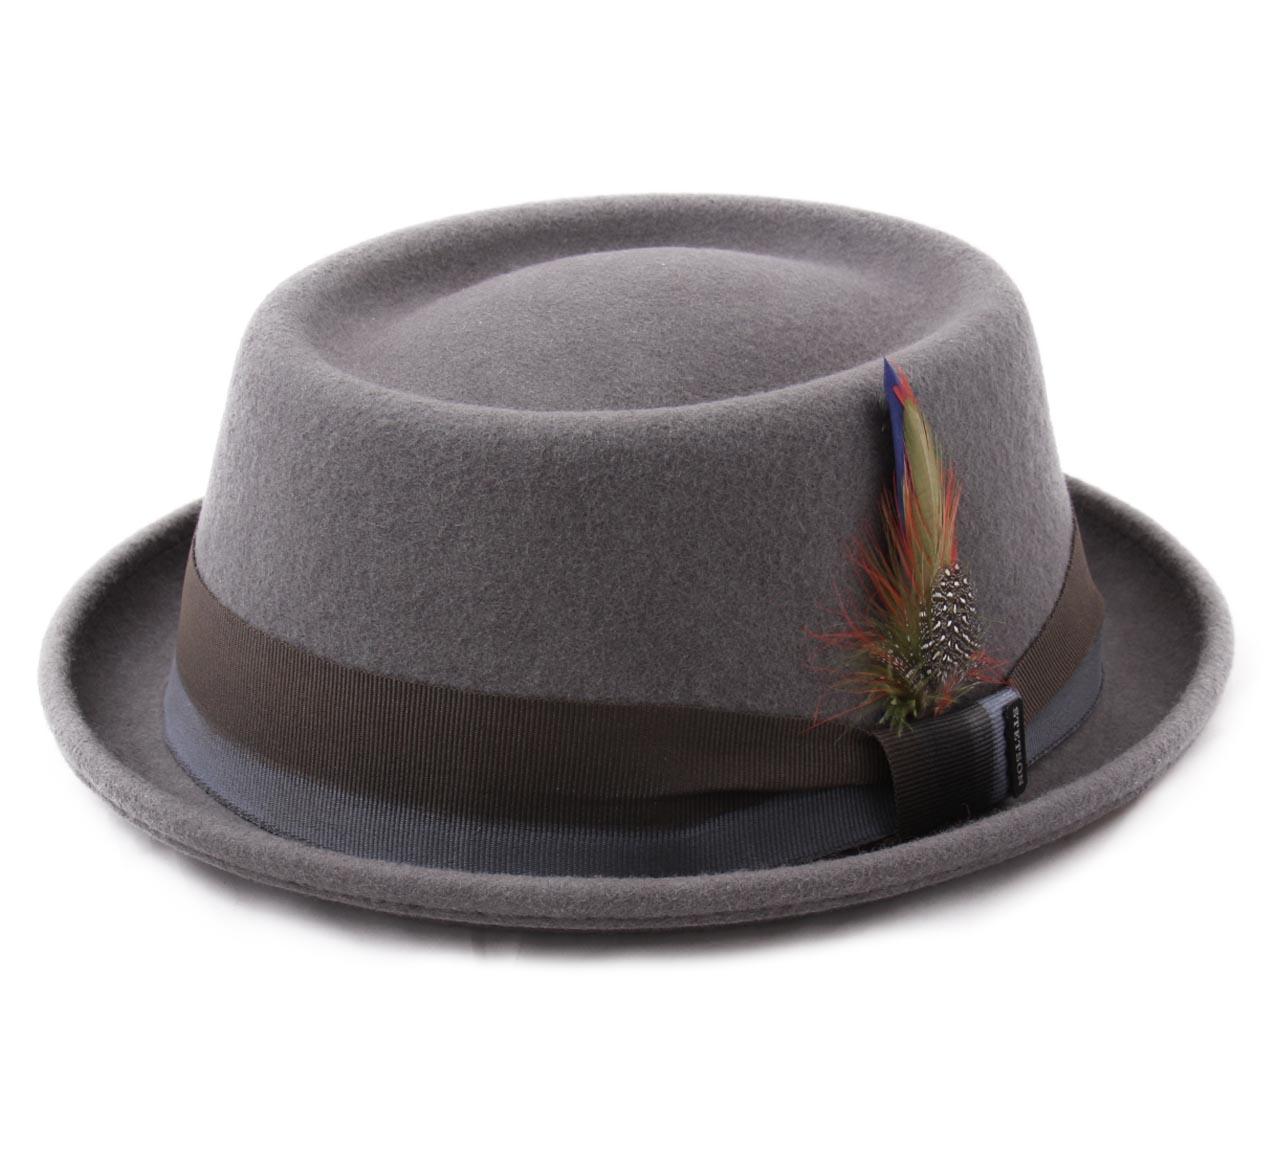 d3dfbfc5a07 Pork Pie Woolfelt - Hats